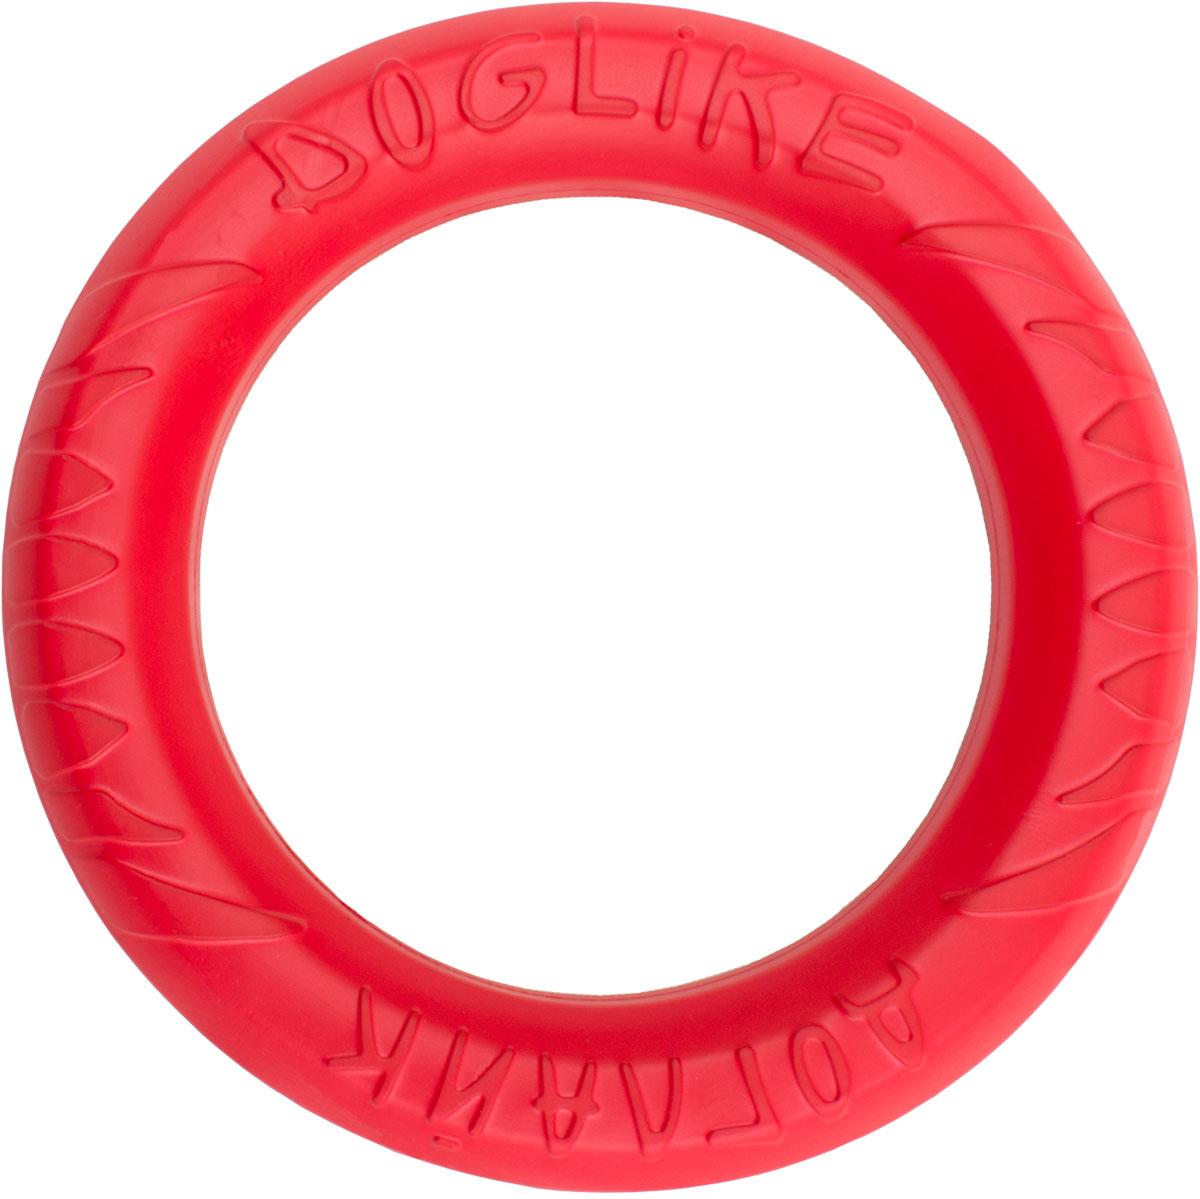 """Снаряд Doglike """"Tug & Twist DL"""", для дрессировки, цвет: красный. D-1276"""